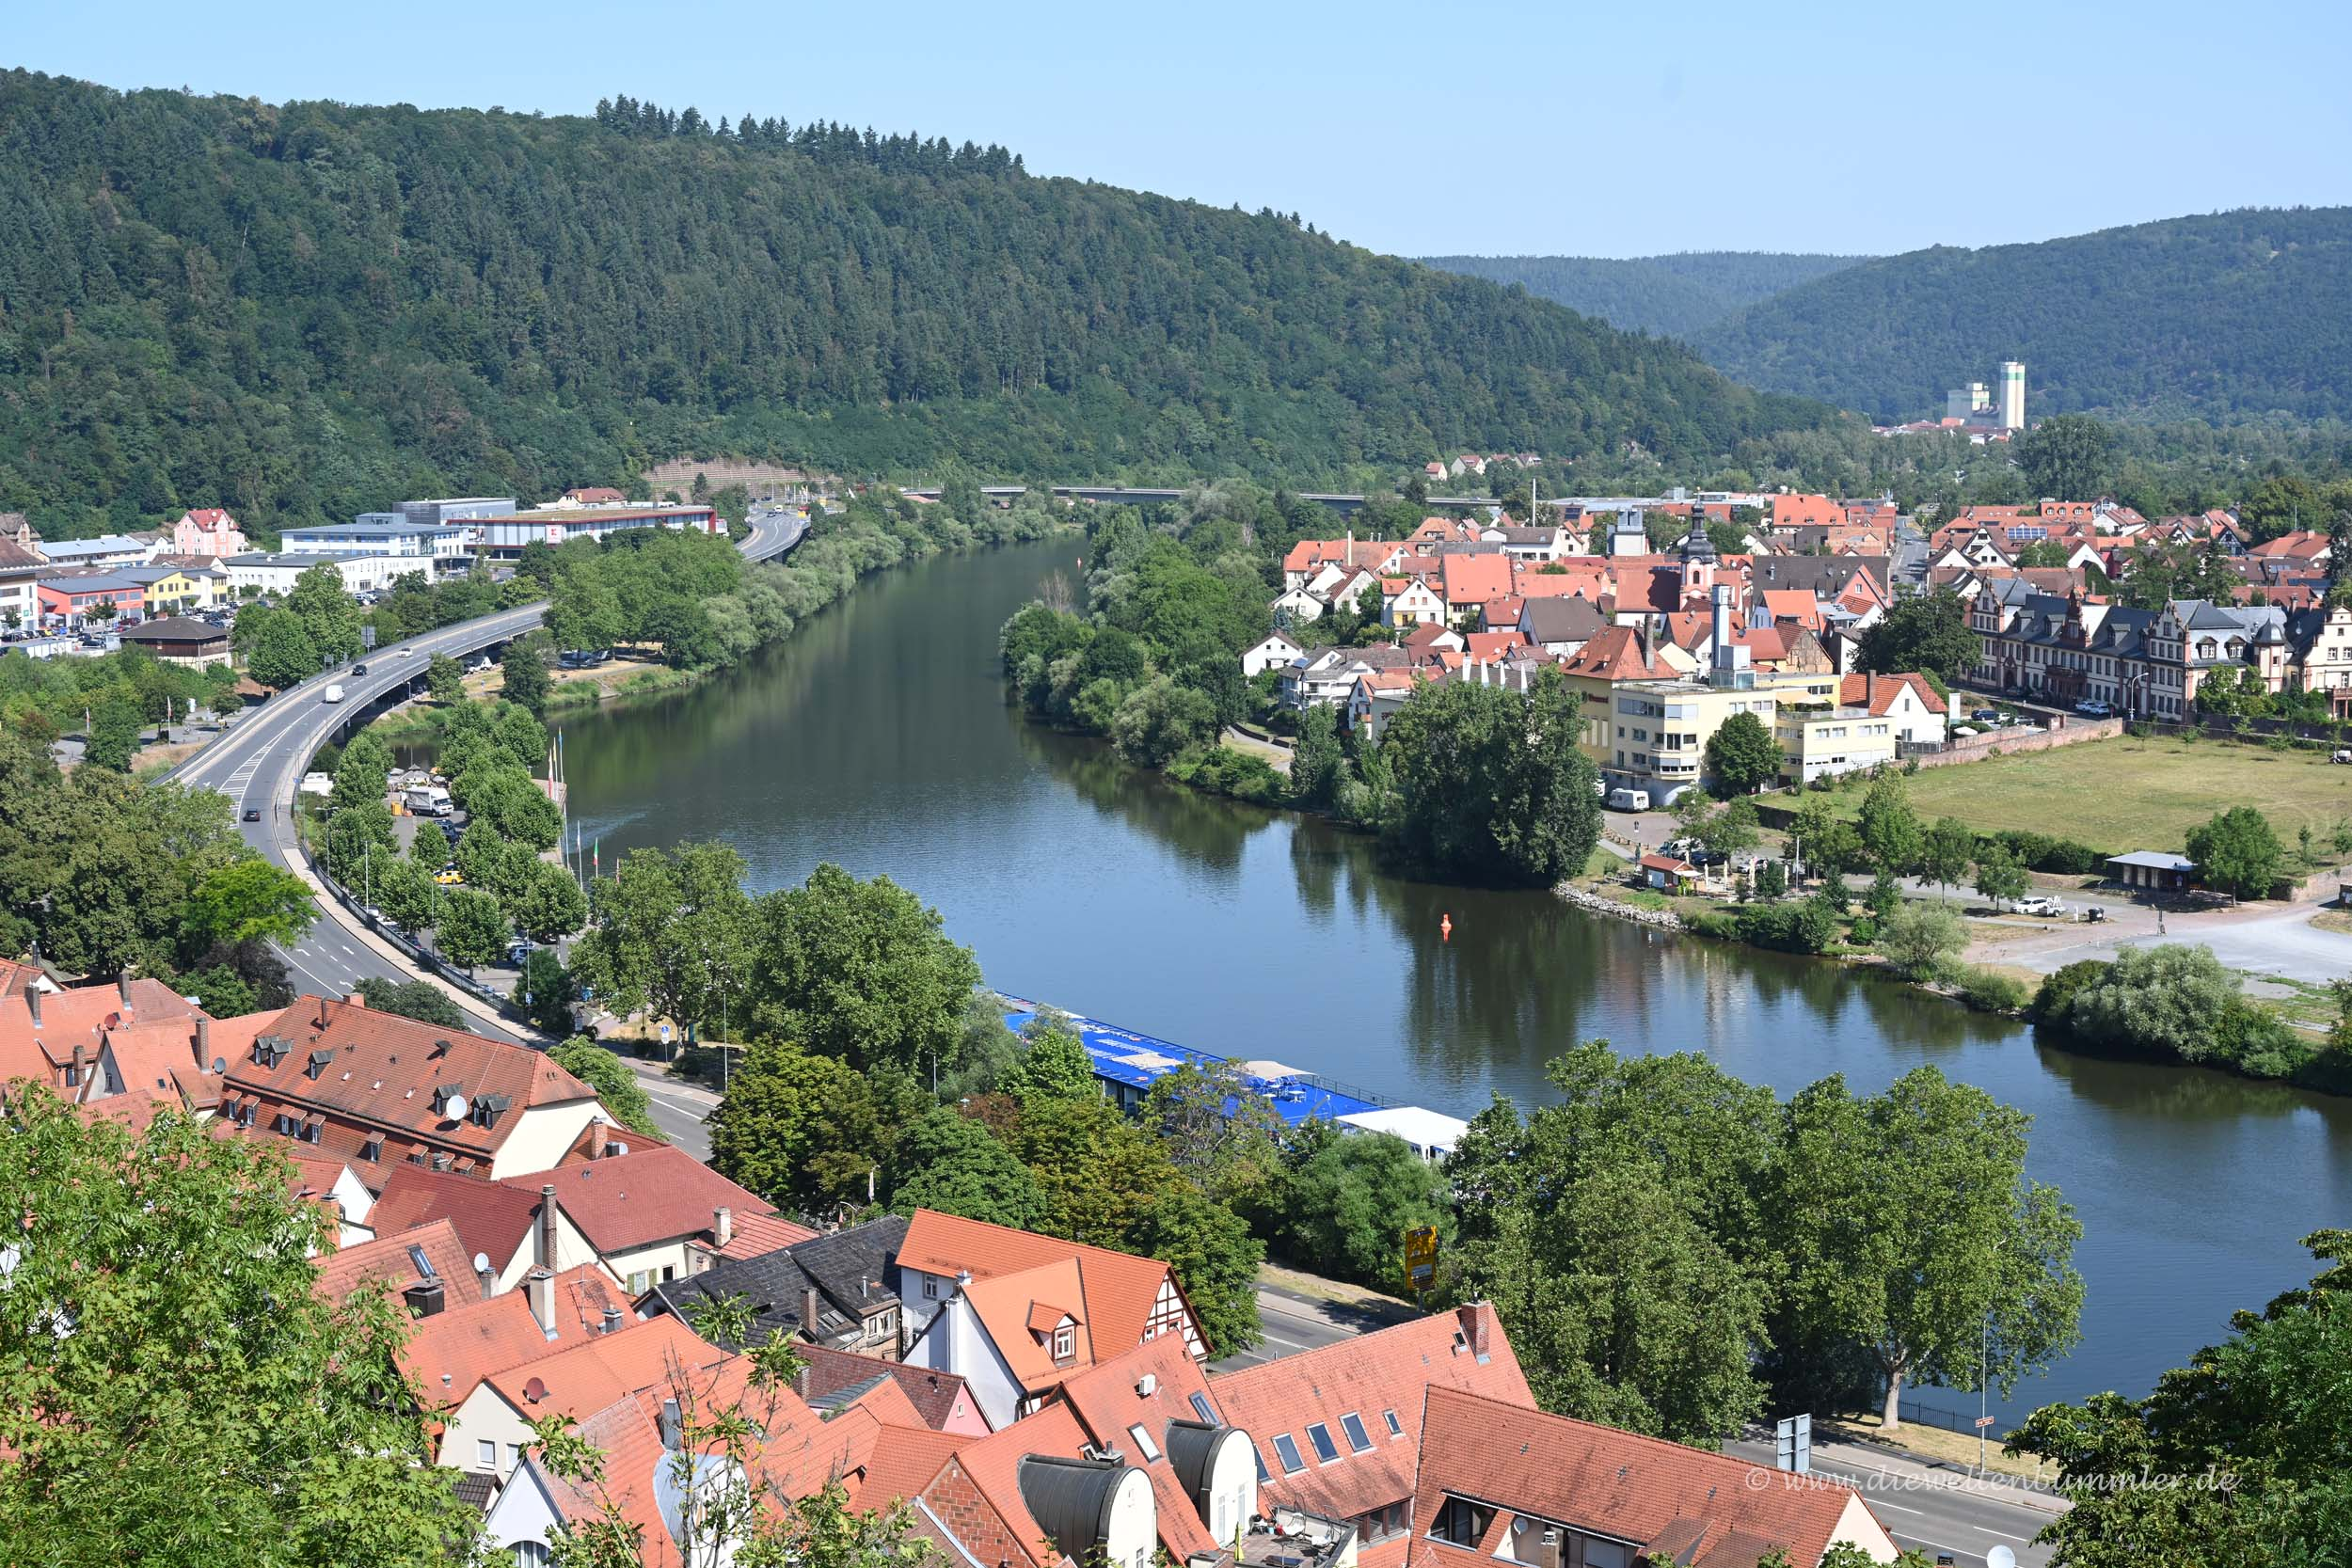 Blick auf den Main in Wertheim